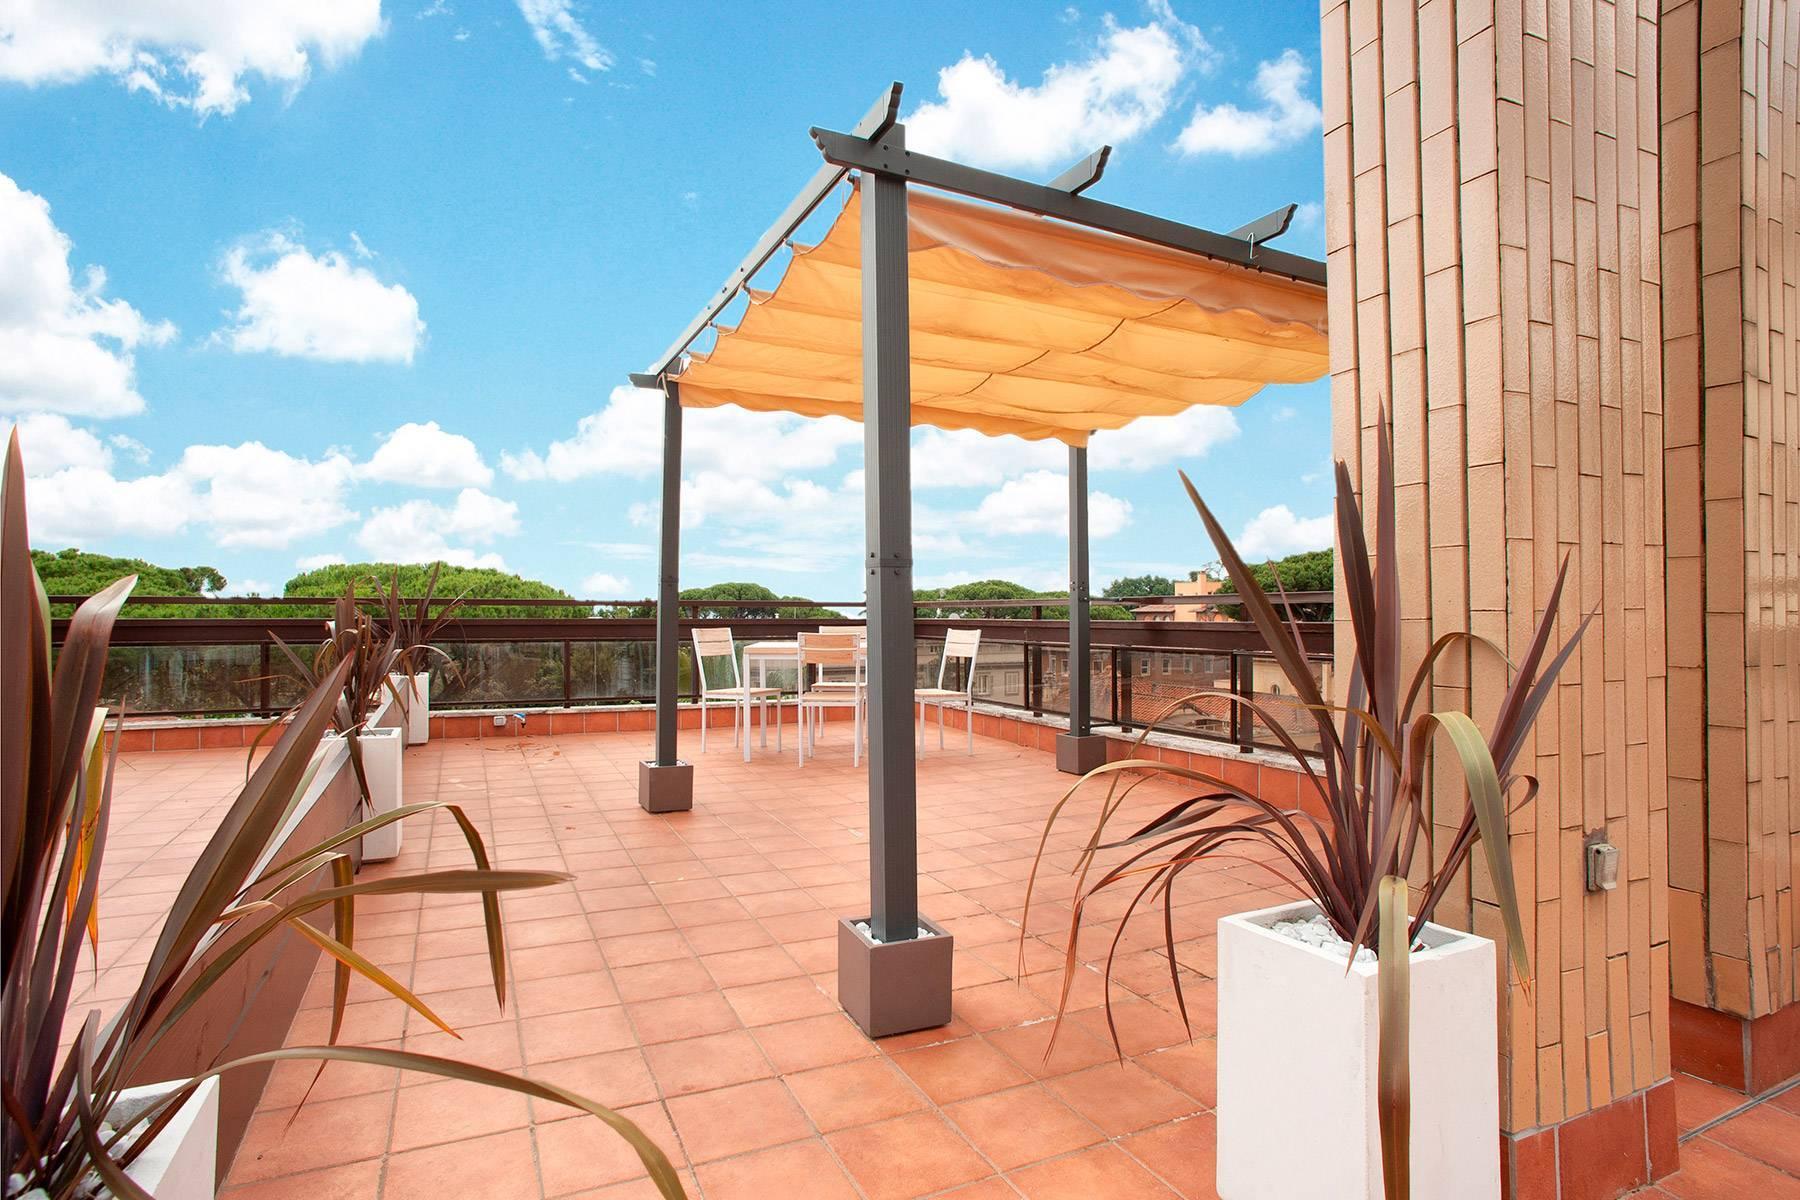 Design-Penthouse mit Panorama-Terrasse mitten im Grünen - 8